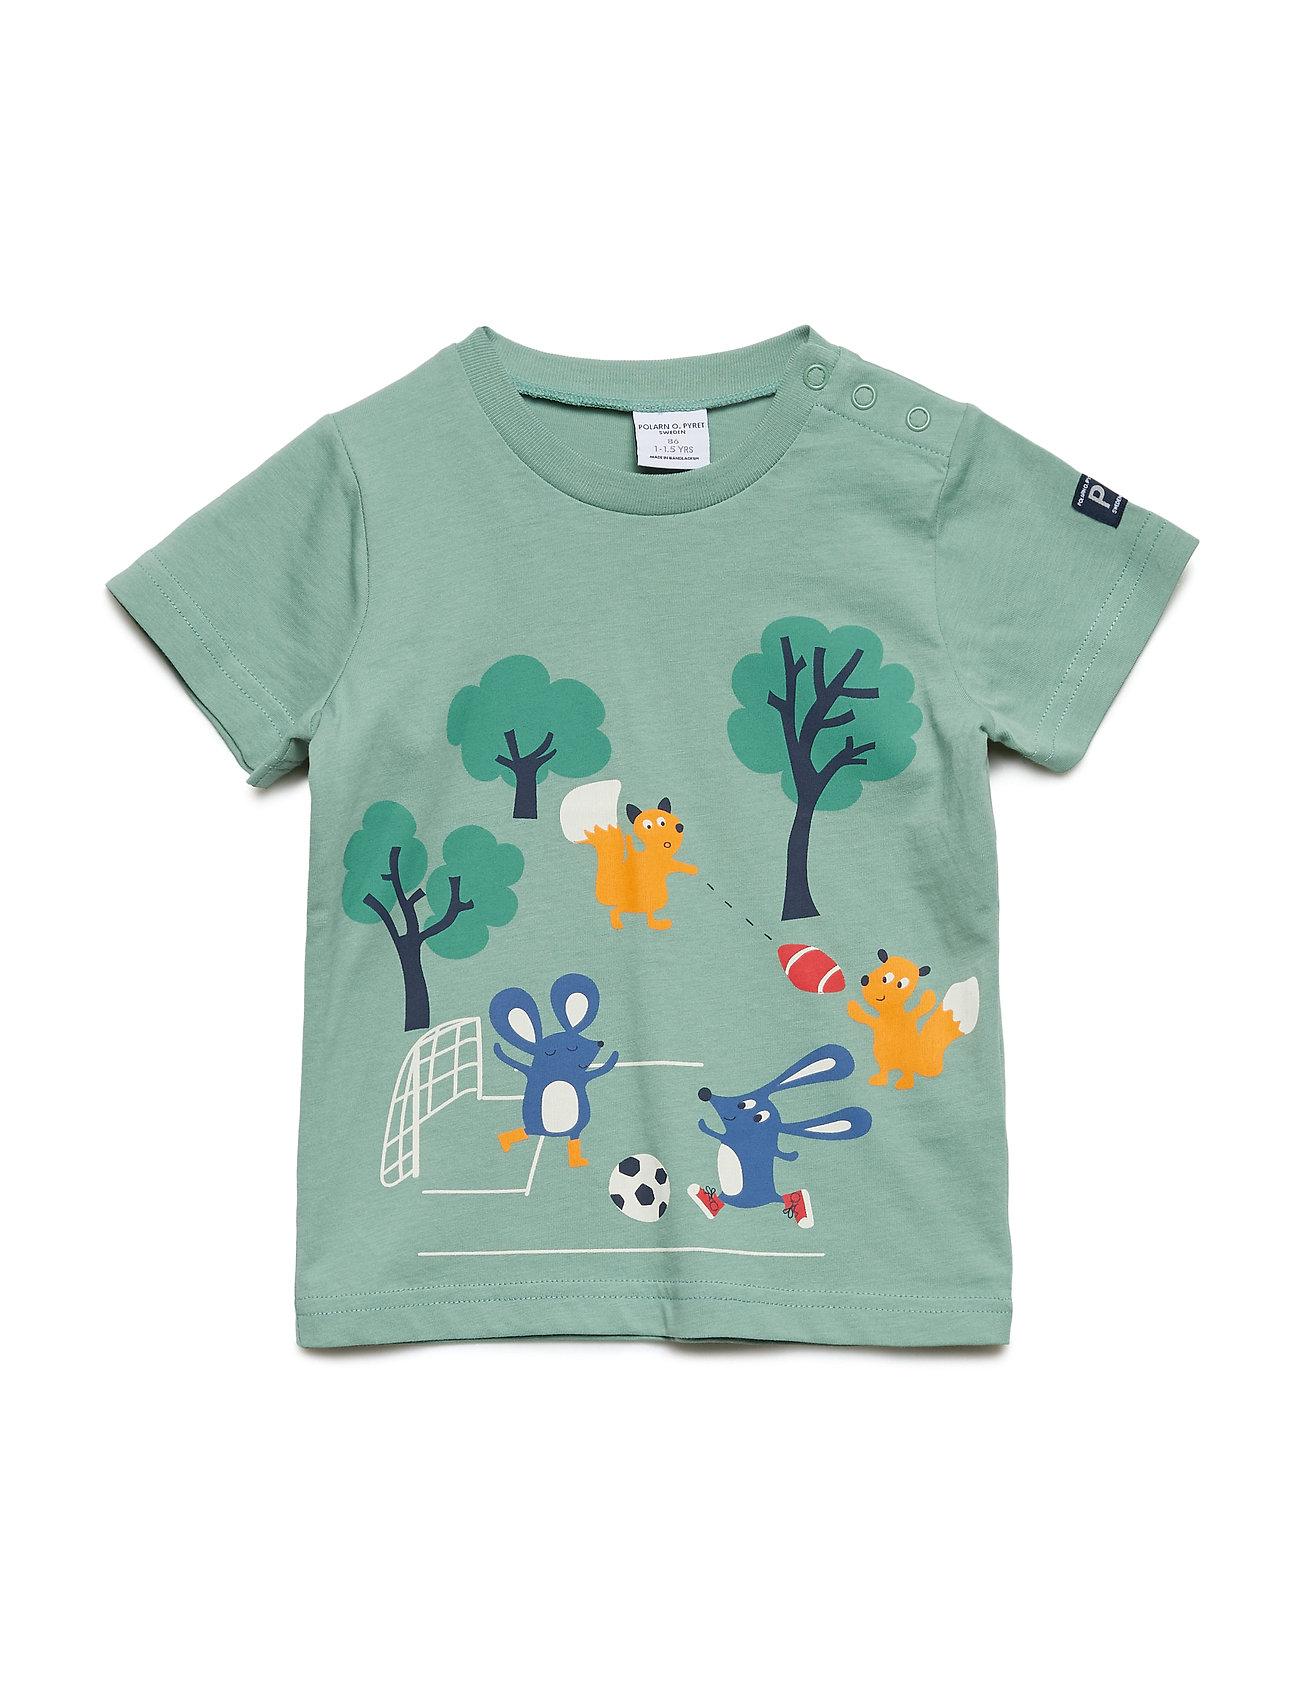 Polarn O. Pyret T-shirt Frontprint Preschool